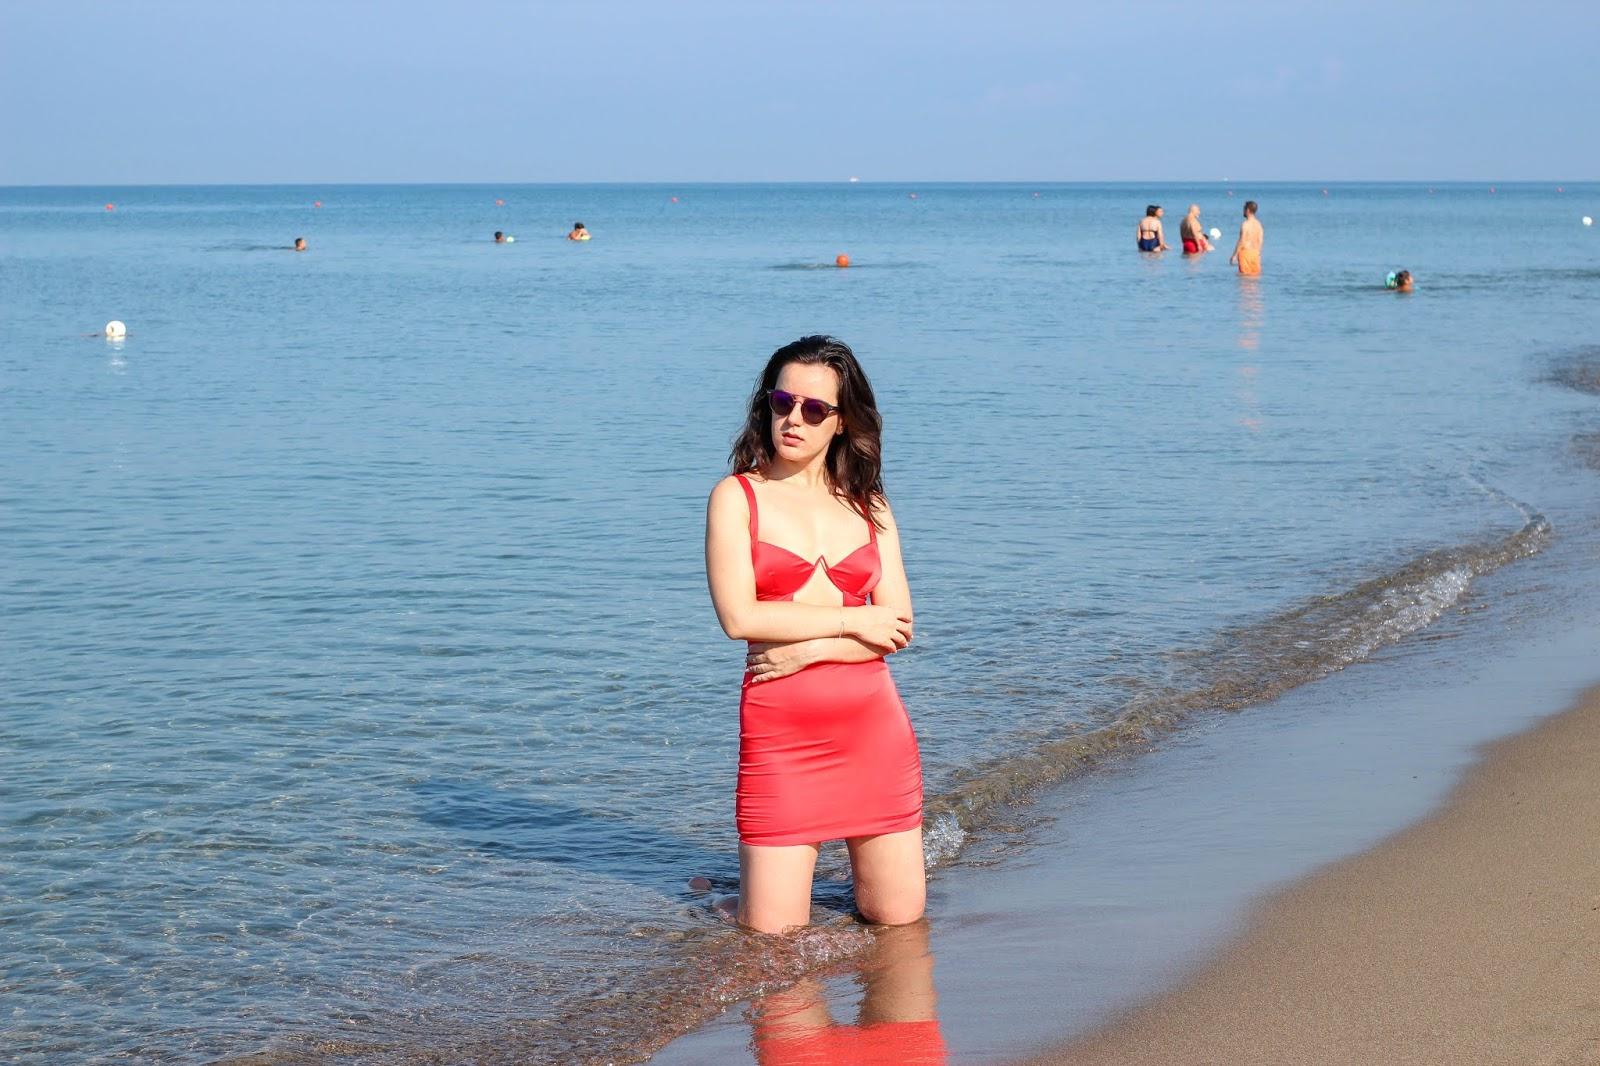 vestito rosso aperitivo spiaggia